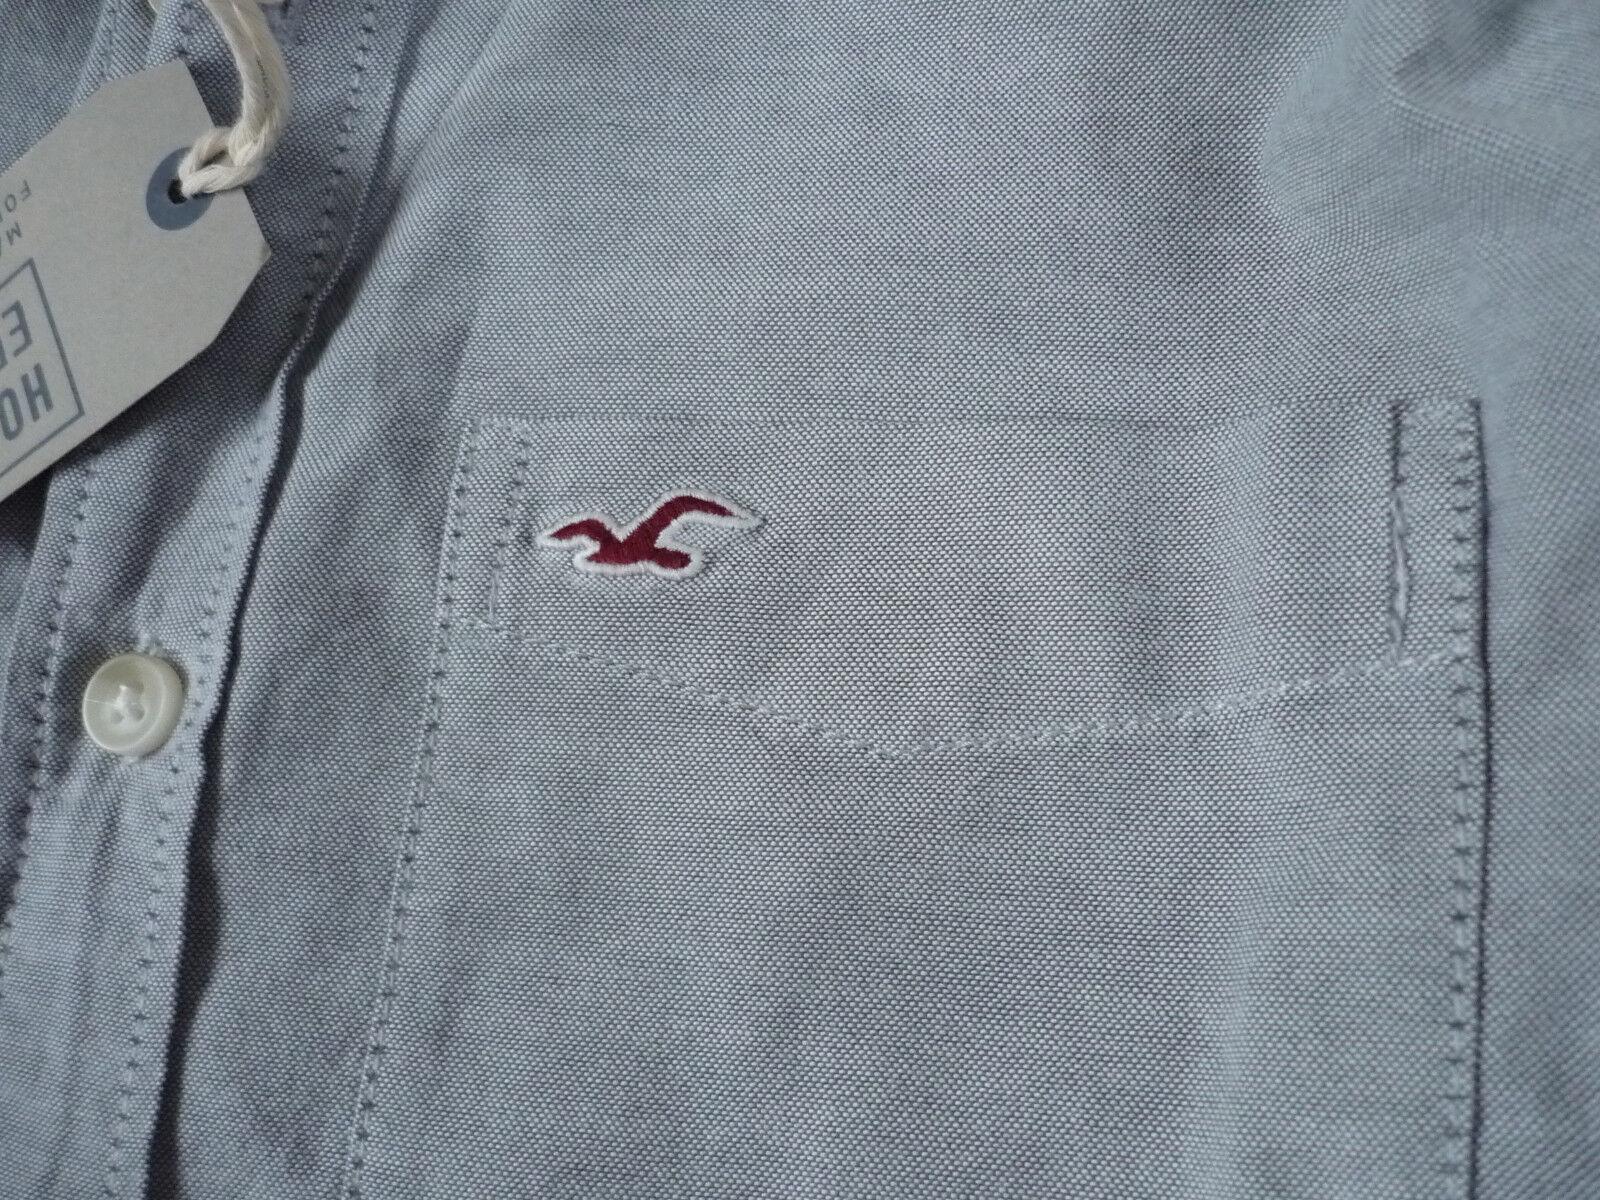 Neuf par avec Étiquettes Hollister par Neuf Abercrombie&fitch Homme Extensible à Carreaux fda3f3